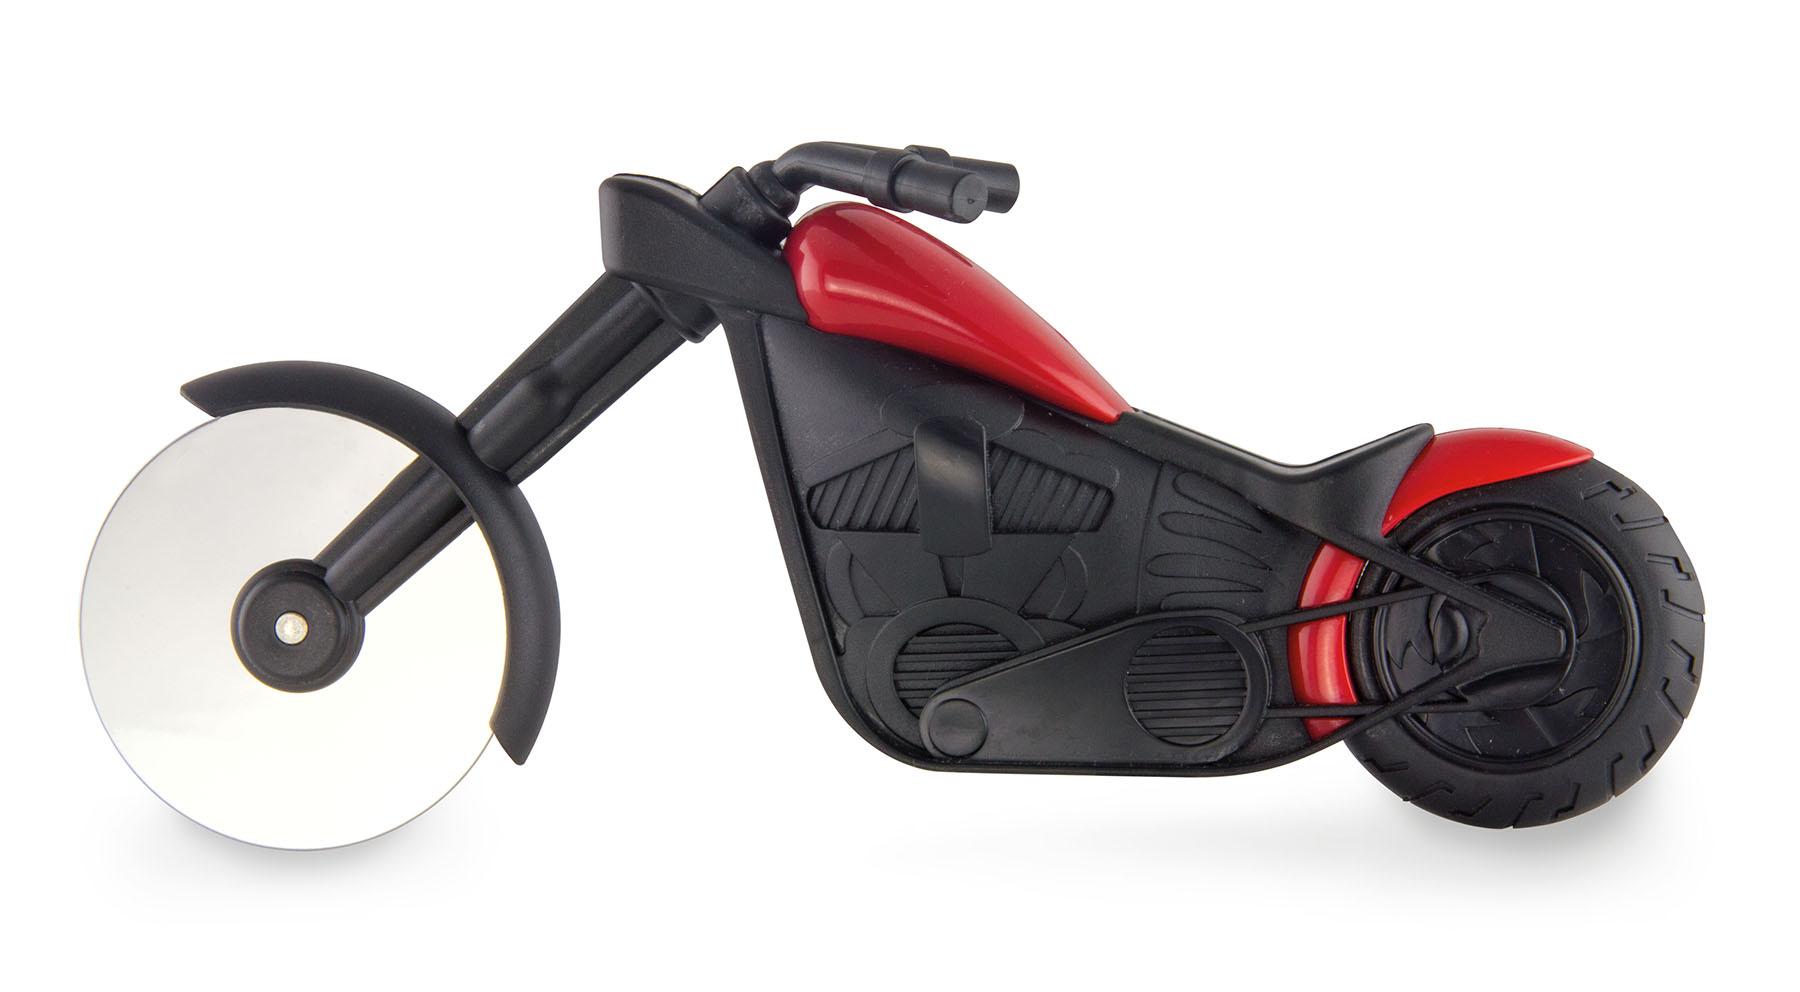 Profi XXL Motorrad Pizzaschneider Pizza schneiden Harley Chopper Cutter Geschenk